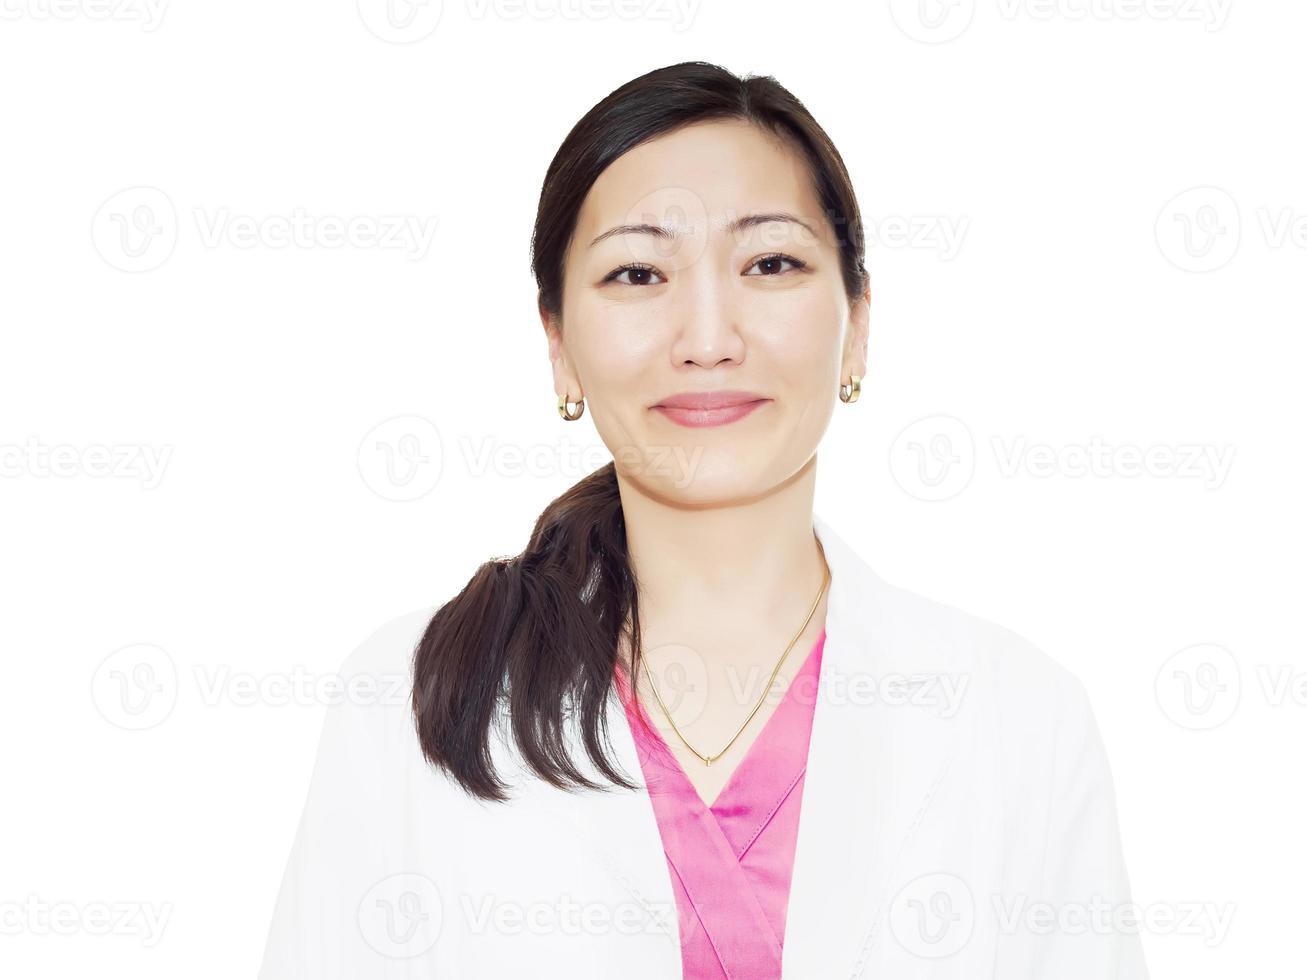 médico na clínica foto